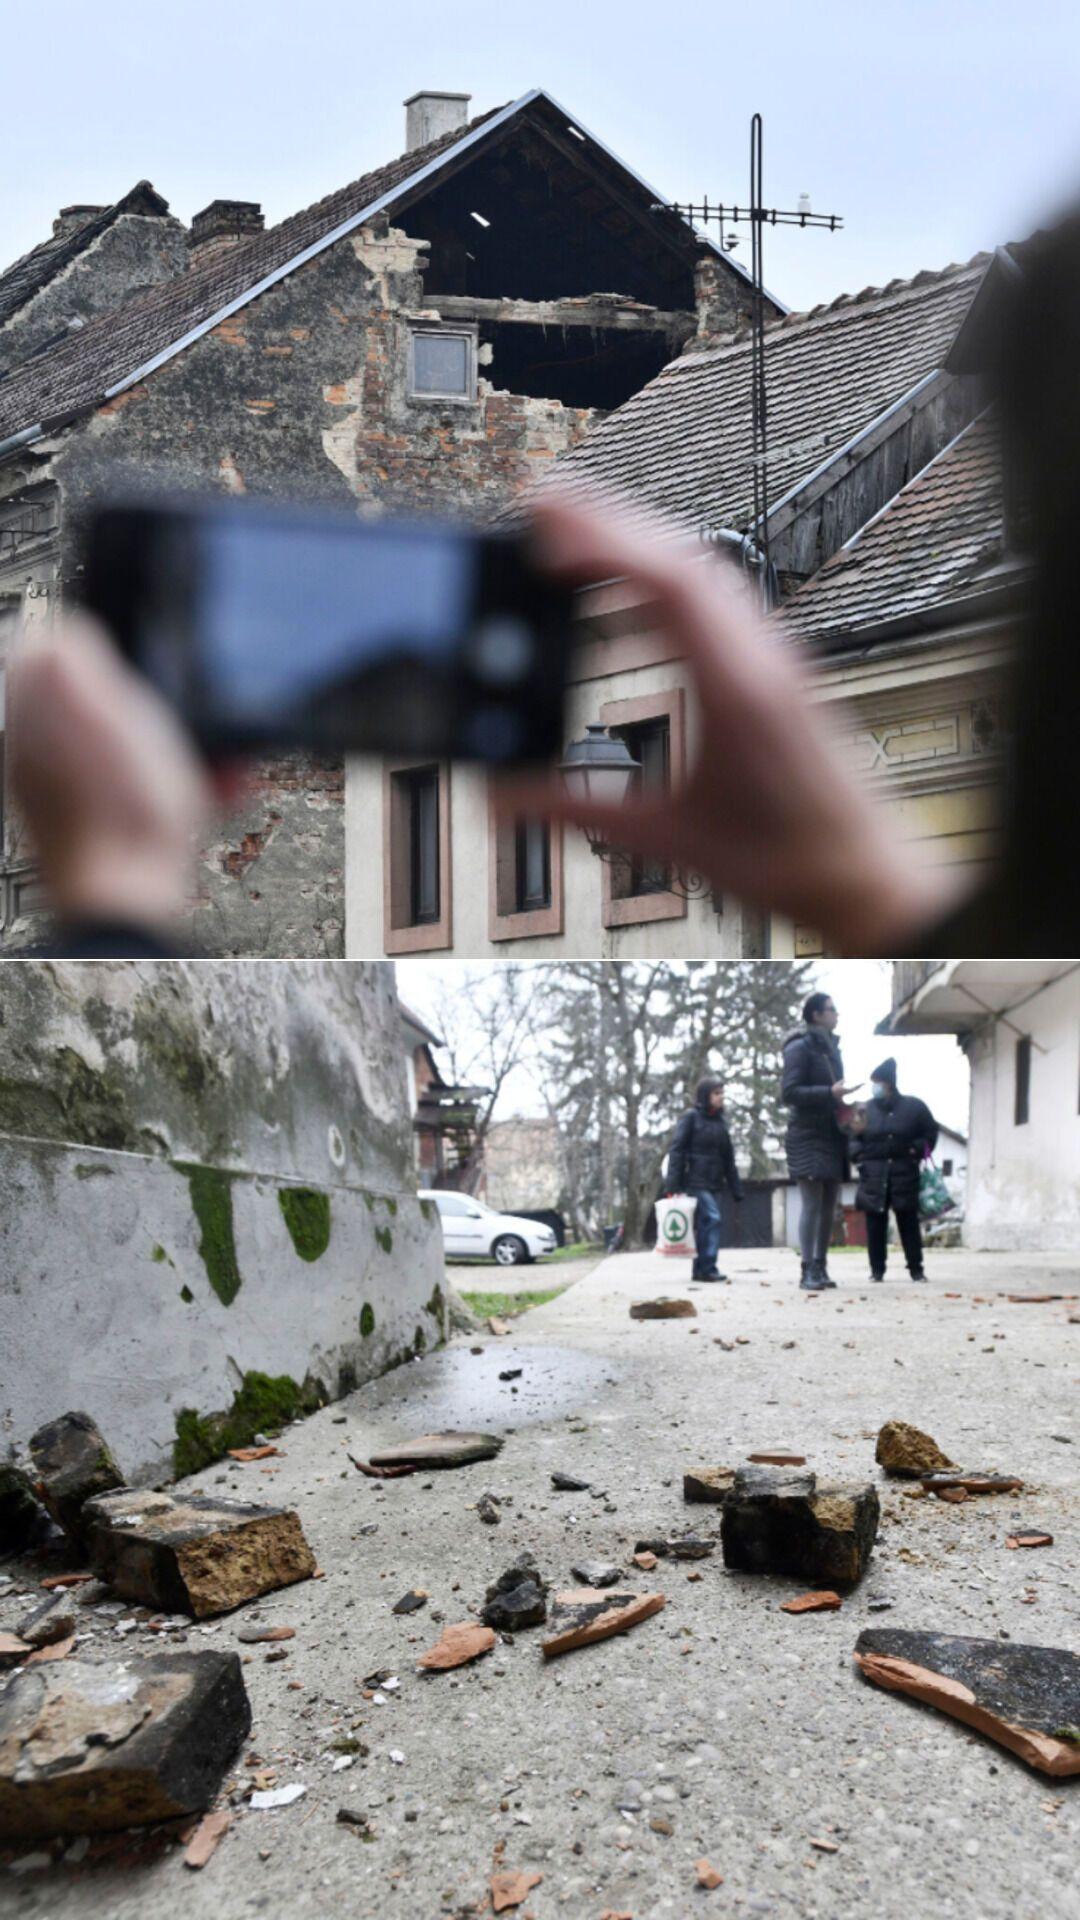 От землетрясения больше всего пострадал город Петринья